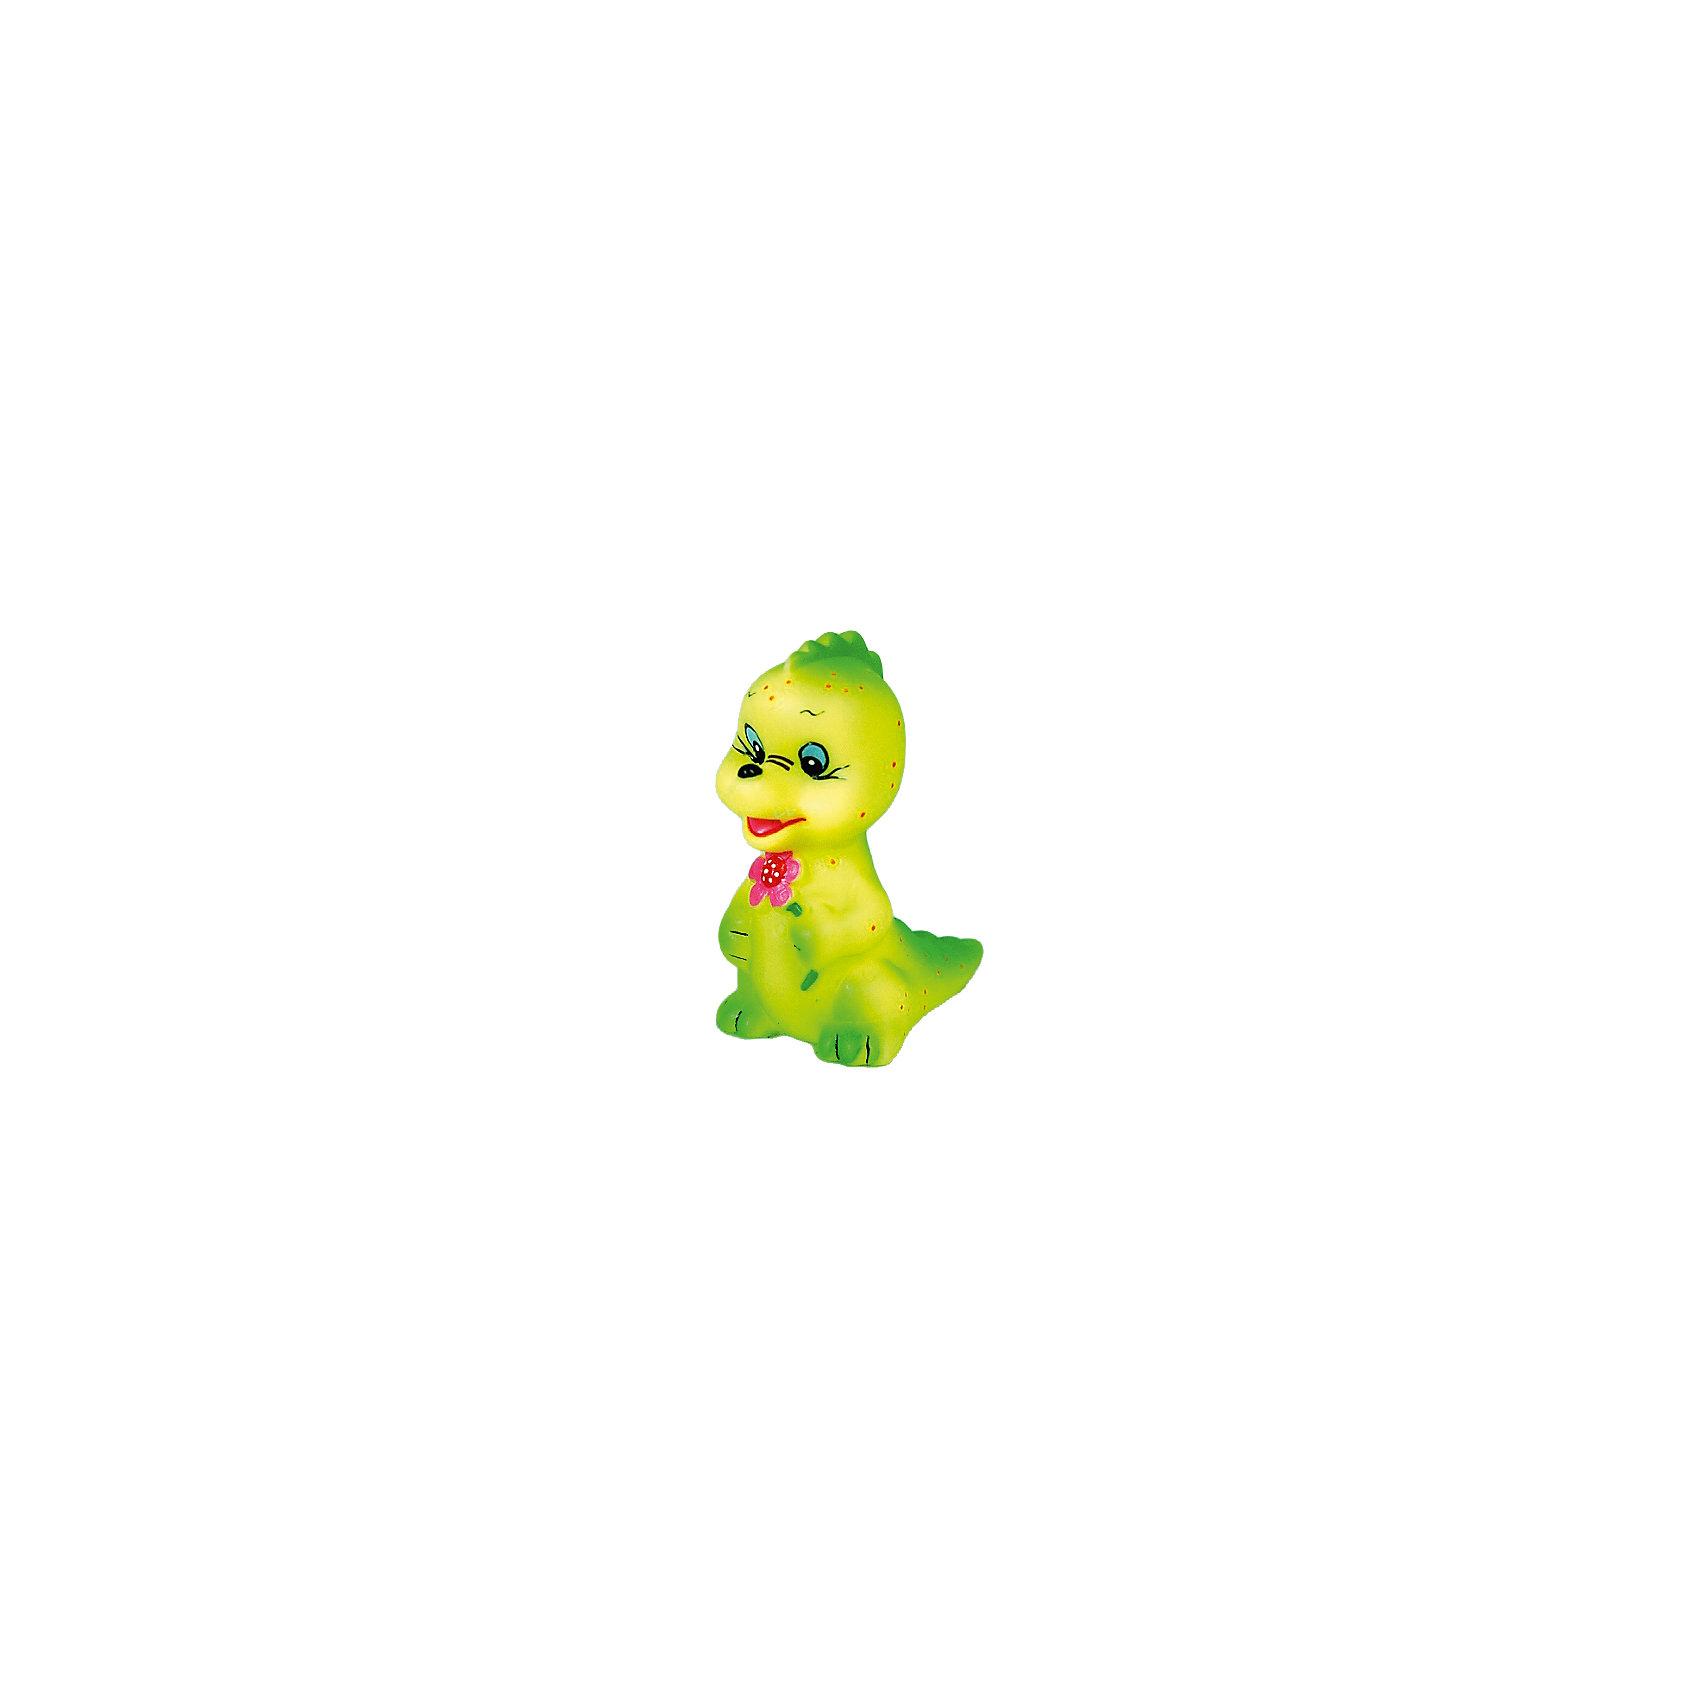 Дракон-2, КудесникиИгрушки ПВХ<br>Дракон-2, Кудесники<br><br>Характеристики:<br><br>• Материал: ПВХ.<br>• Размер: 14 см.<br>• Вес: 65г.<br> <br>Отличная игрушка из мягкого ПВХ надолго займет внимания вашего малыша. Эта игрушка поможет малышу при прорезывании зубов, поможет развивать моторику рук, знакомить с формой, цветом, образами. Также с ней можно забавно поиграть в ванной. Яркий образ поможет ребенку придумывать различные сюжетно-ролевые игры.<br><br>Дракона-2, Кудесники, можно купить в нашем интернет – магазине.<br><br>Ширина мм: 100<br>Глубина мм: 70<br>Высота мм: 140<br>Вес г: 65<br>Возраст от месяцев: 12<br>Возраст до месяцев: 36<br>Пол: Унисекс<br>Возраст: Детский<br>SKU: 4896449